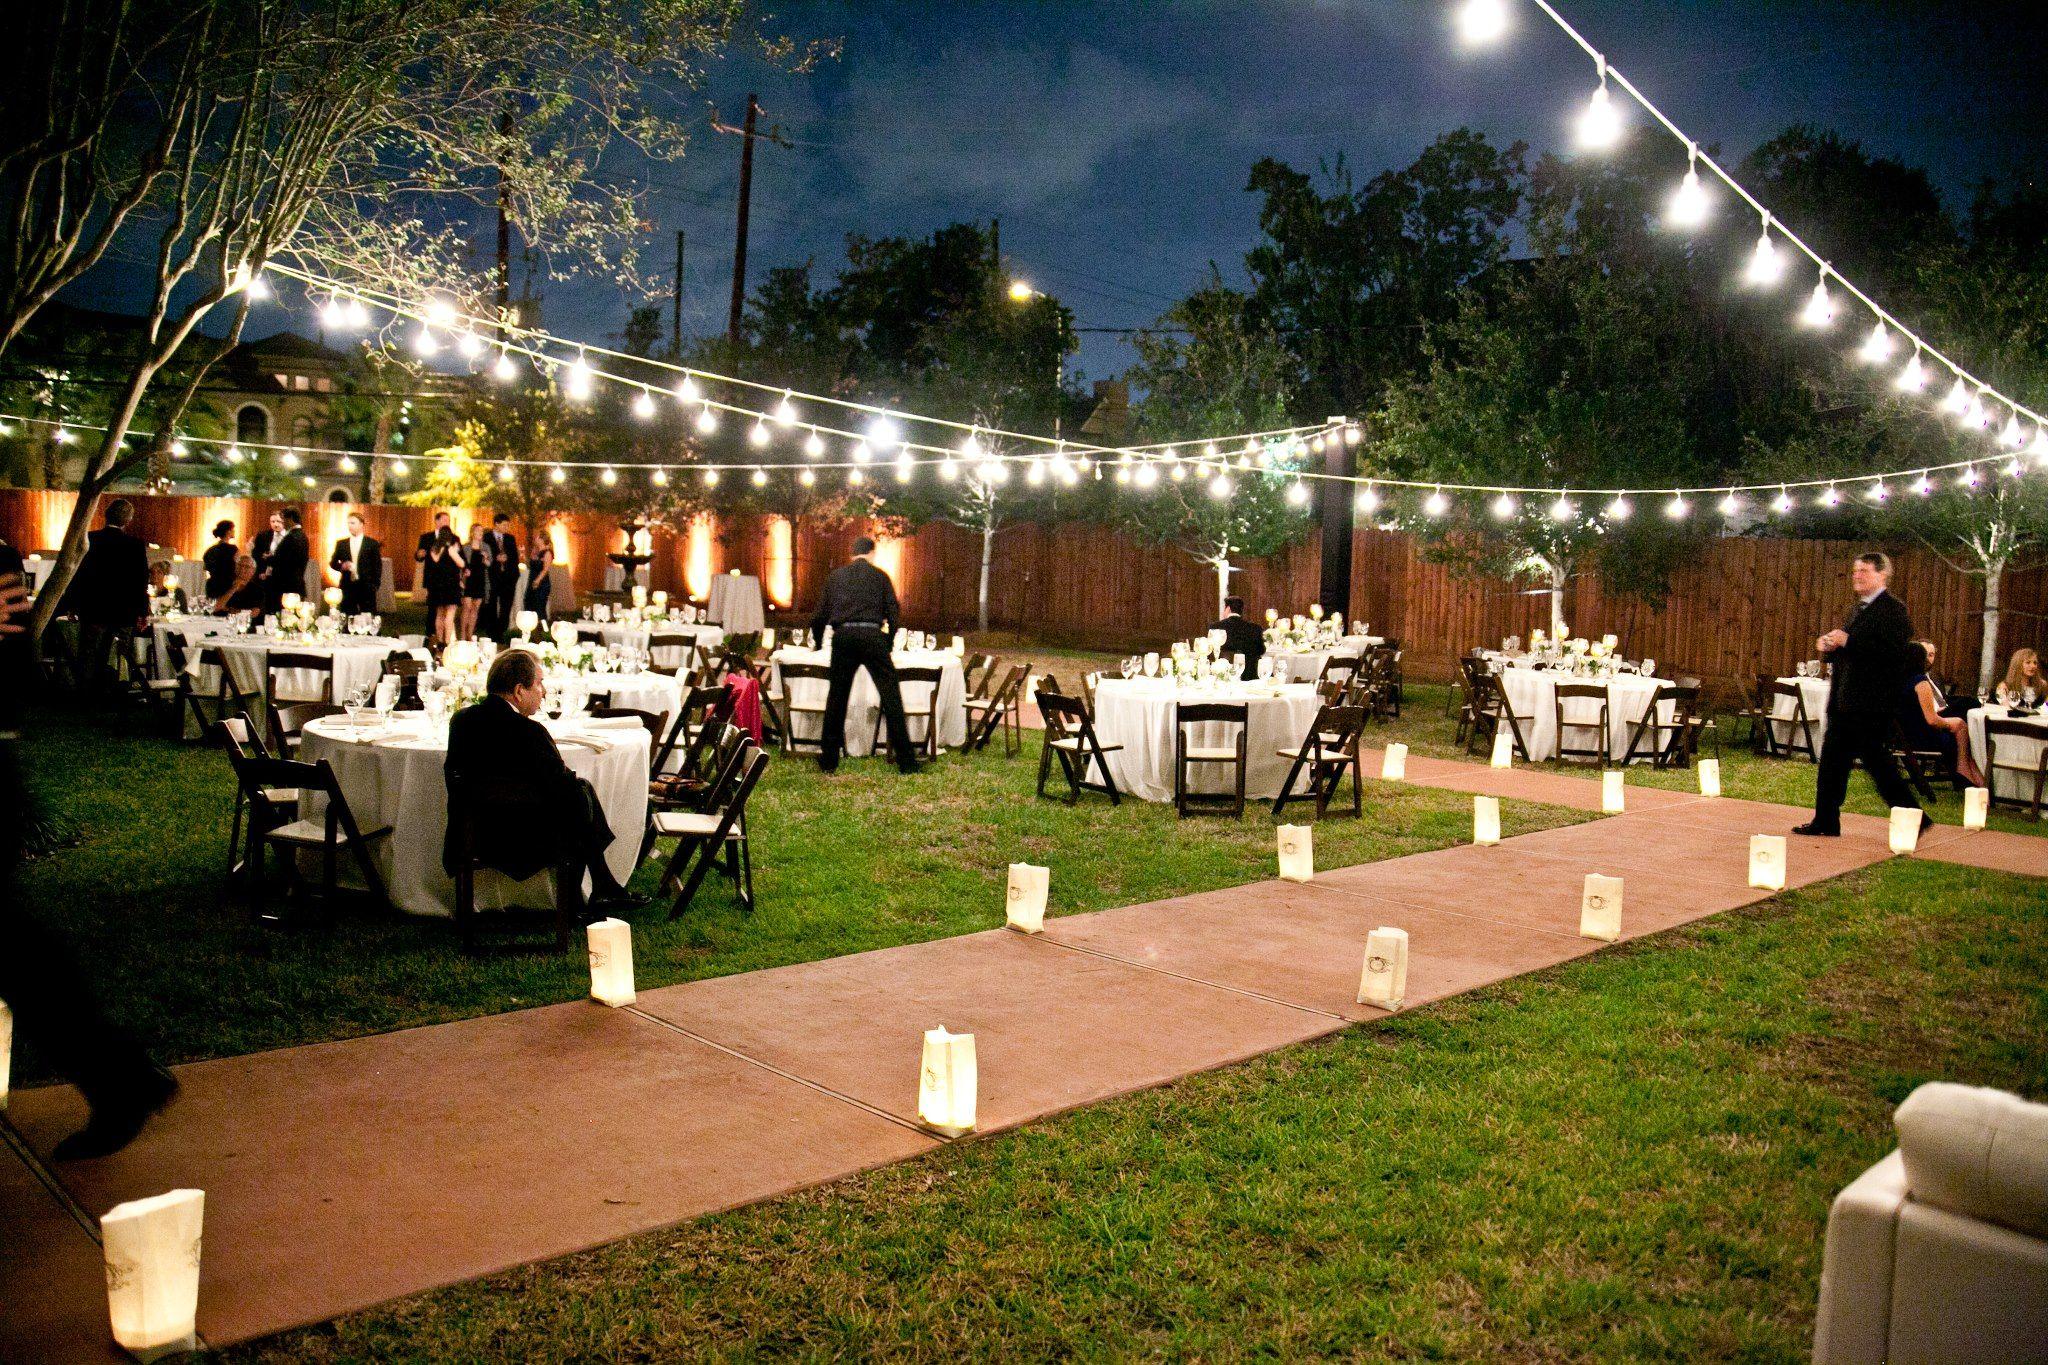 The Wynden Wedding Venues Outdoor Wedding Venues Wedding Proposals